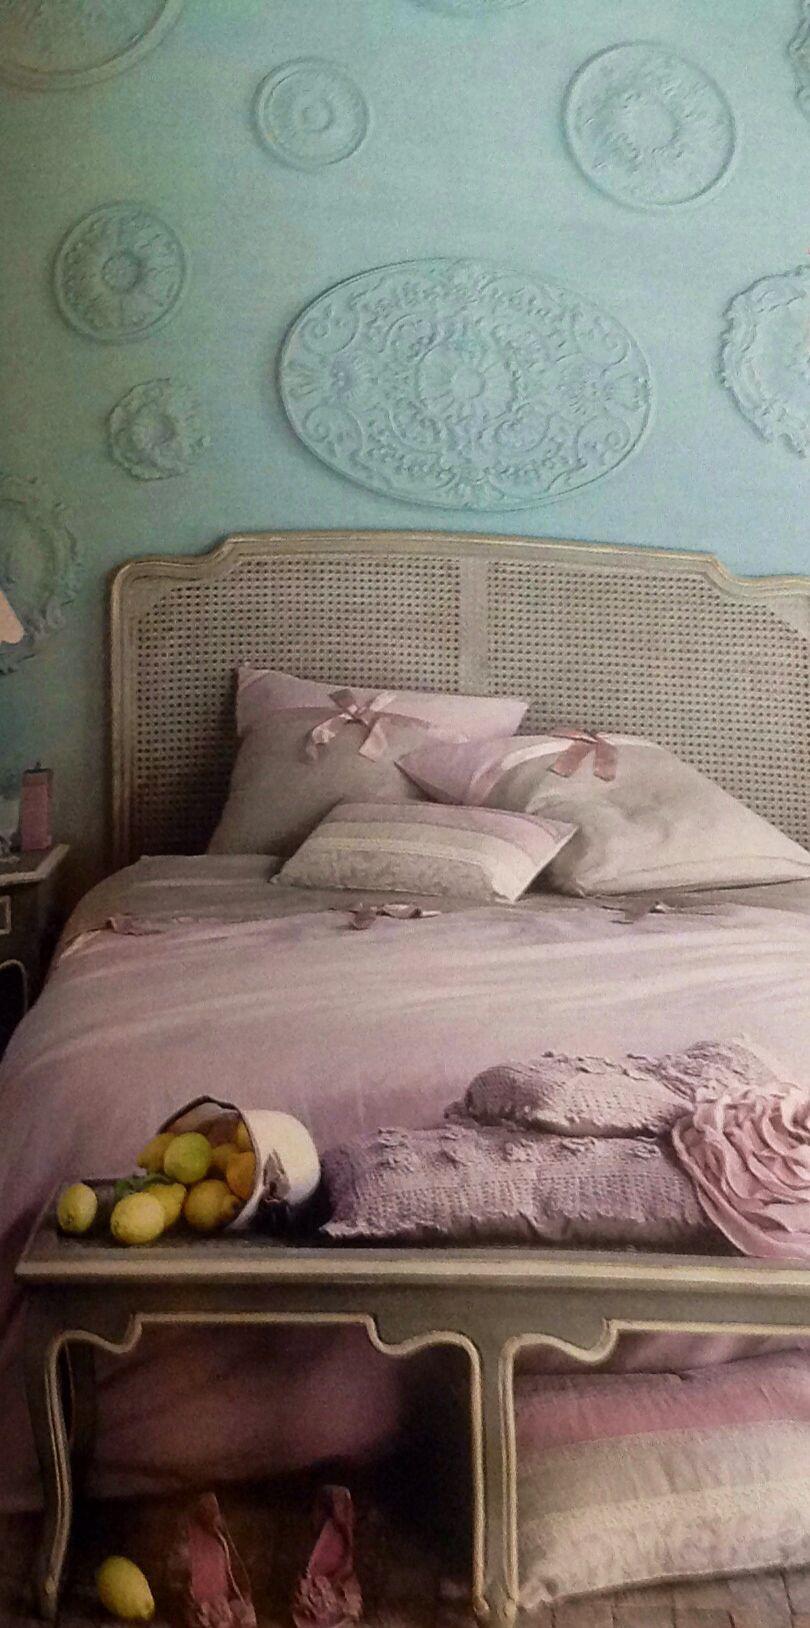 Décoration faite de rosaces sur le mur peinte à la couleur du mur